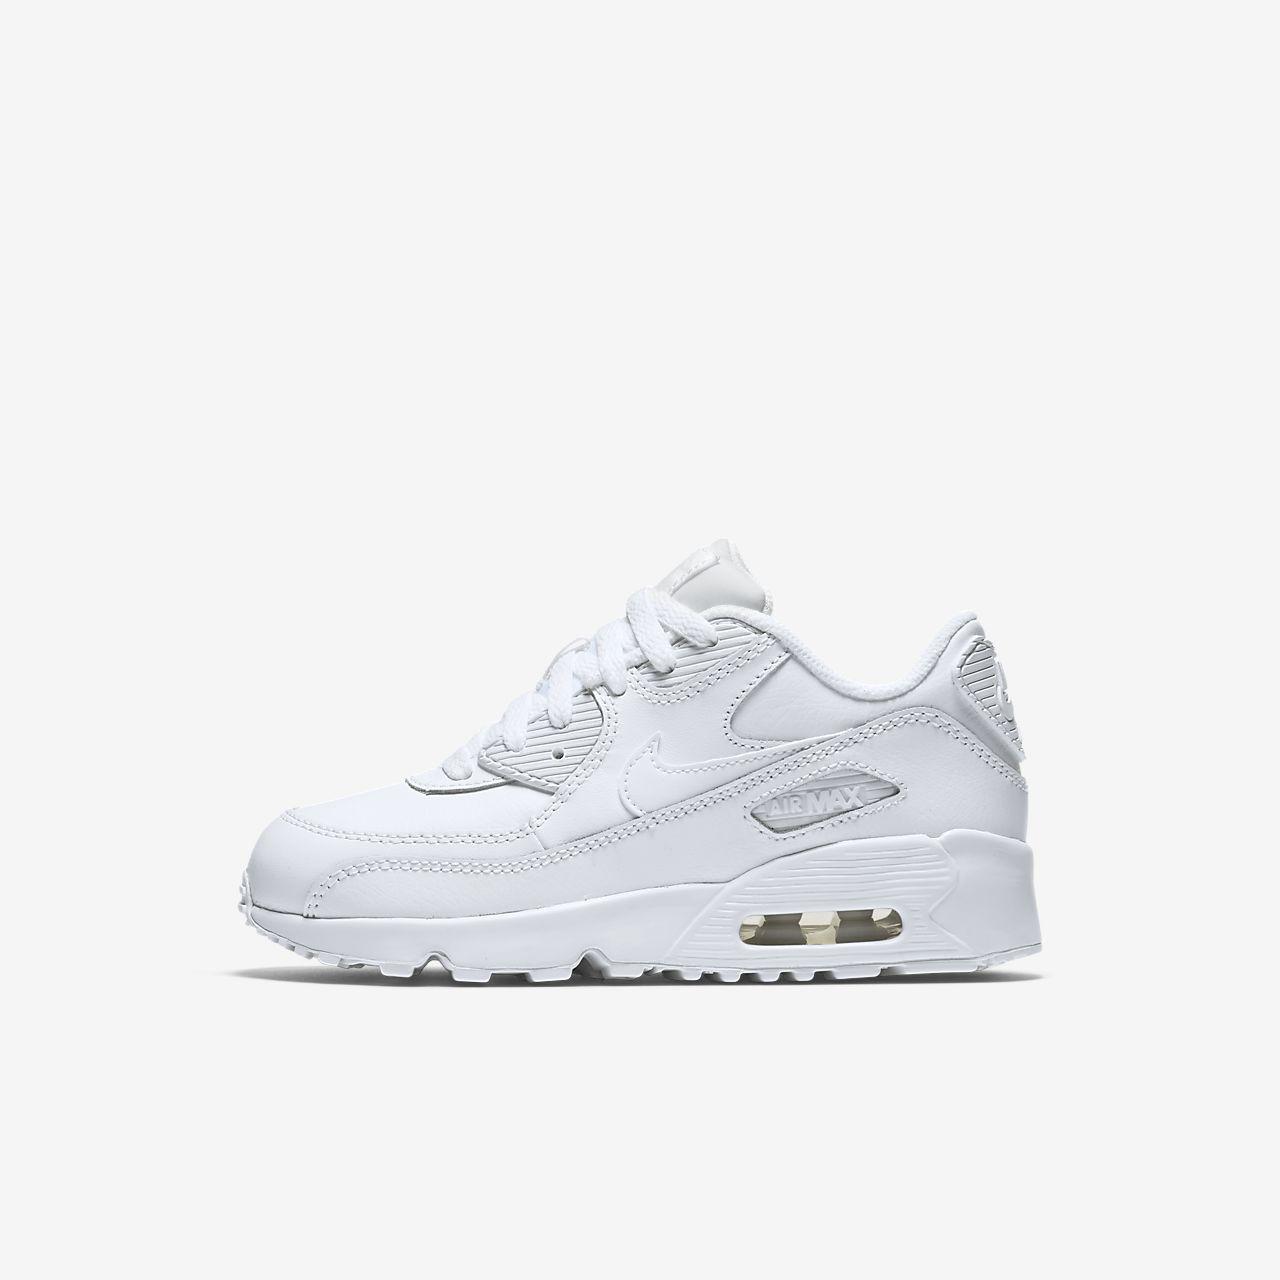 Femme | Air Max 1 Blanc Nike Femme ⋆ Reine Freude